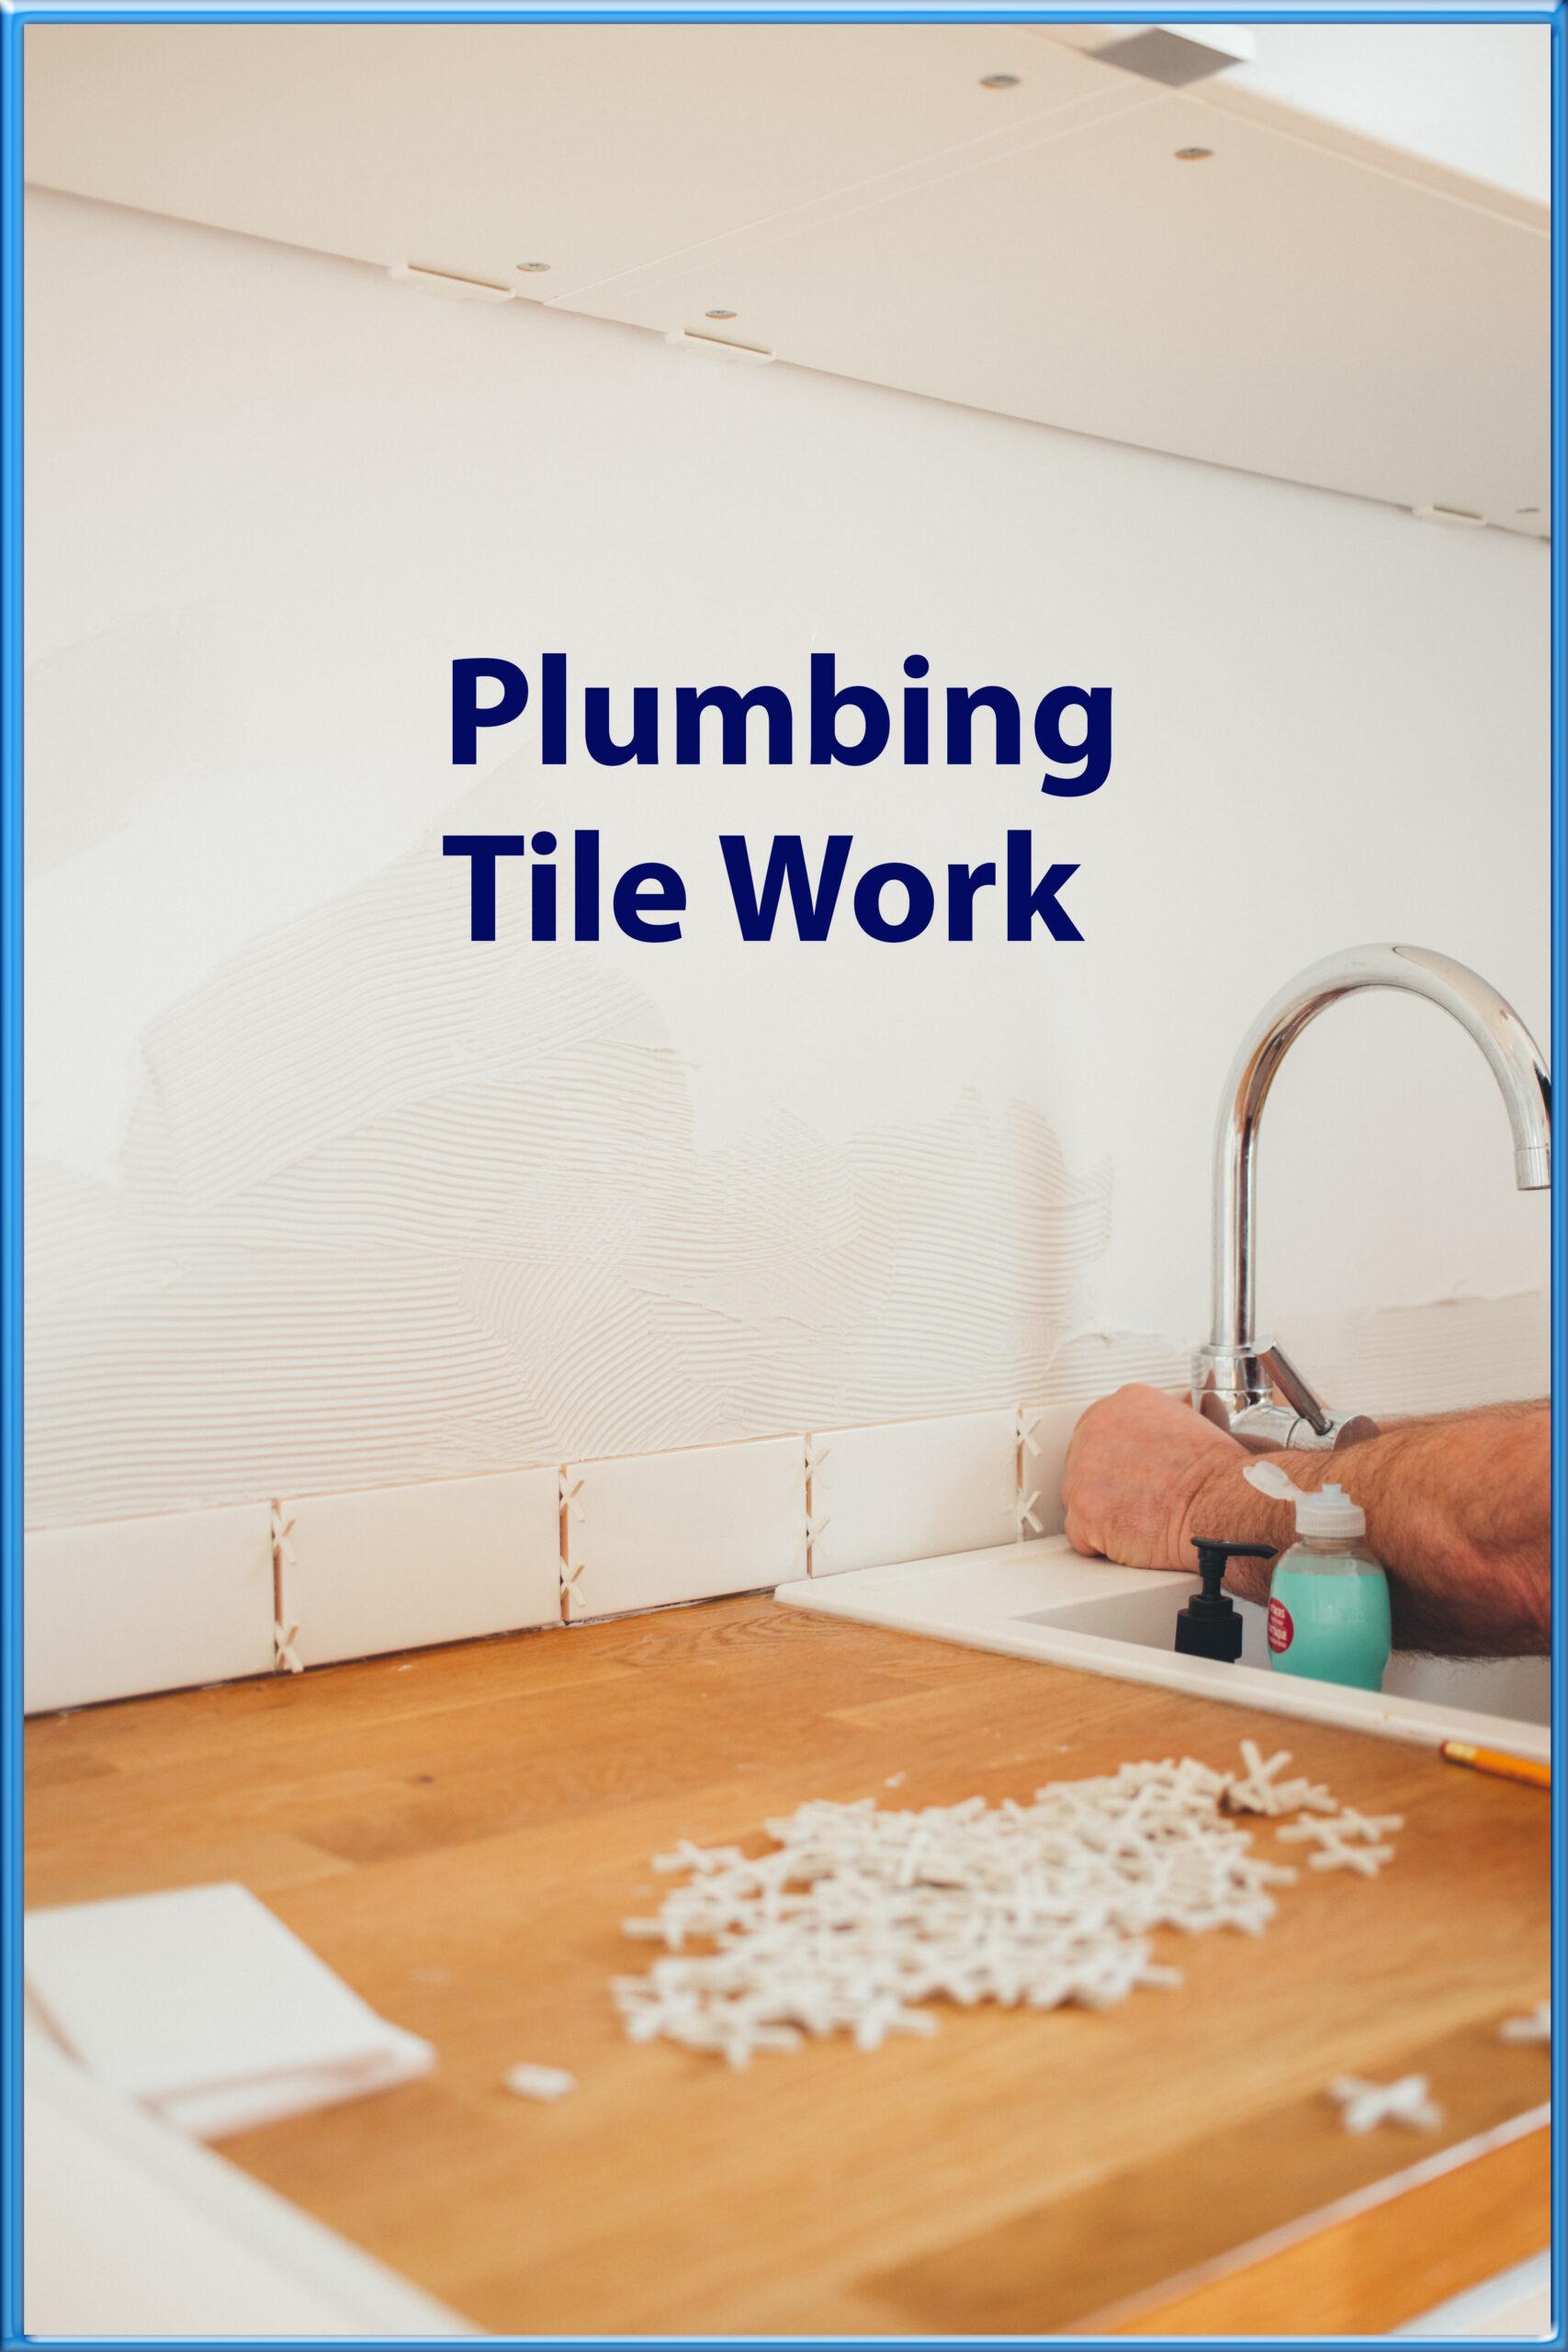 Wall Tiles and plumbing work